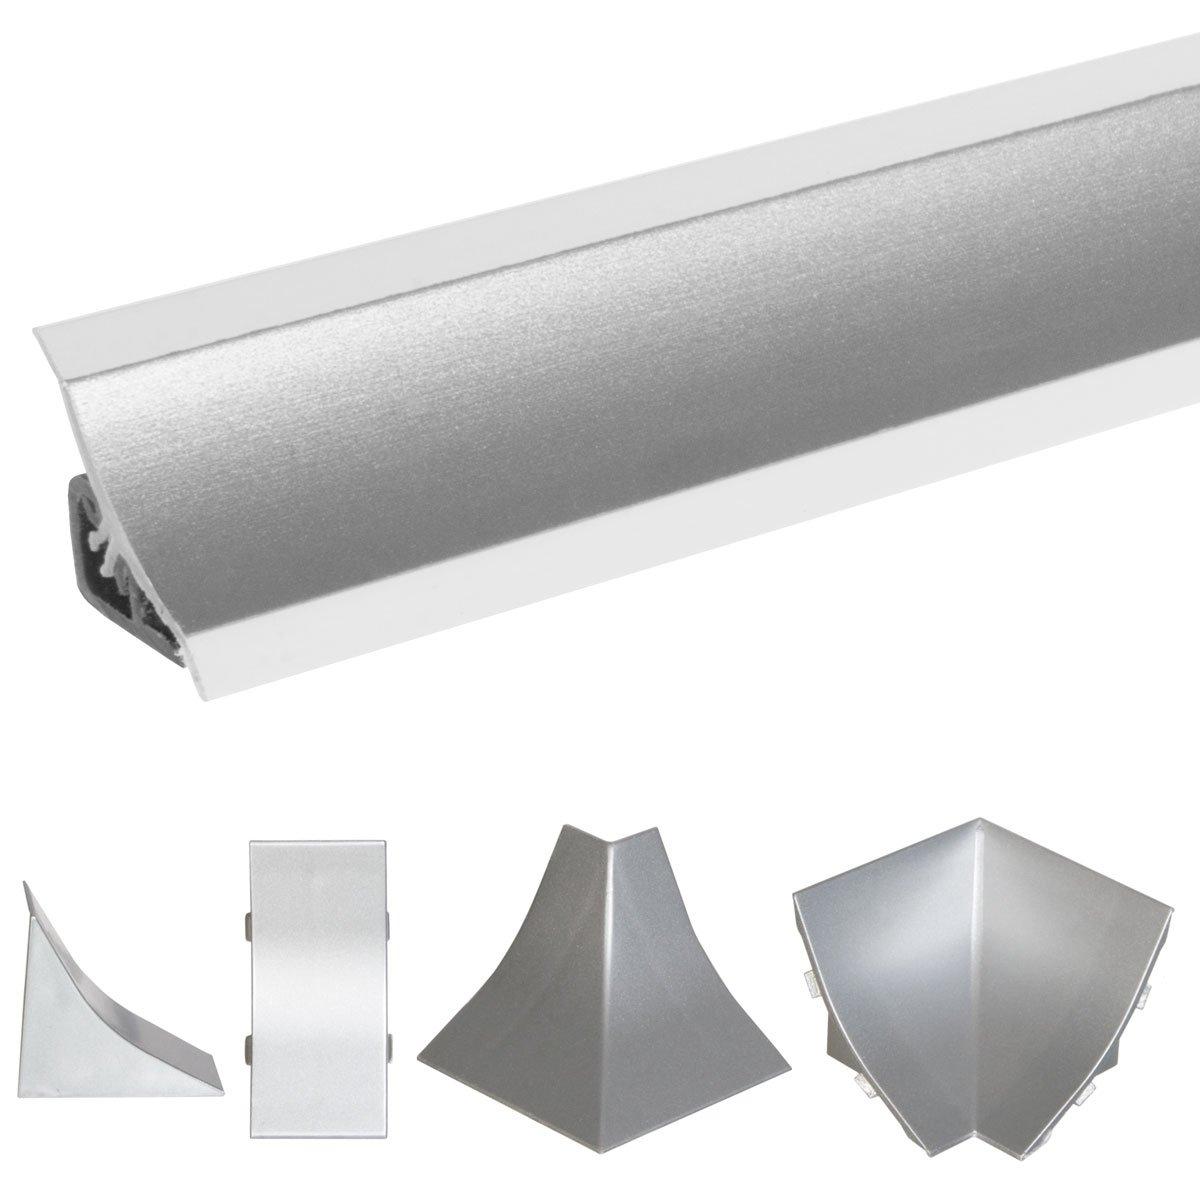 HOLZBRINK Copete de Encimera de Aluminio Satén Listón de Acabado Aluminio Copete de Encimeras de cocina 23x23 mm 150 cm: Amazon.es: Bricolaje y herramientas